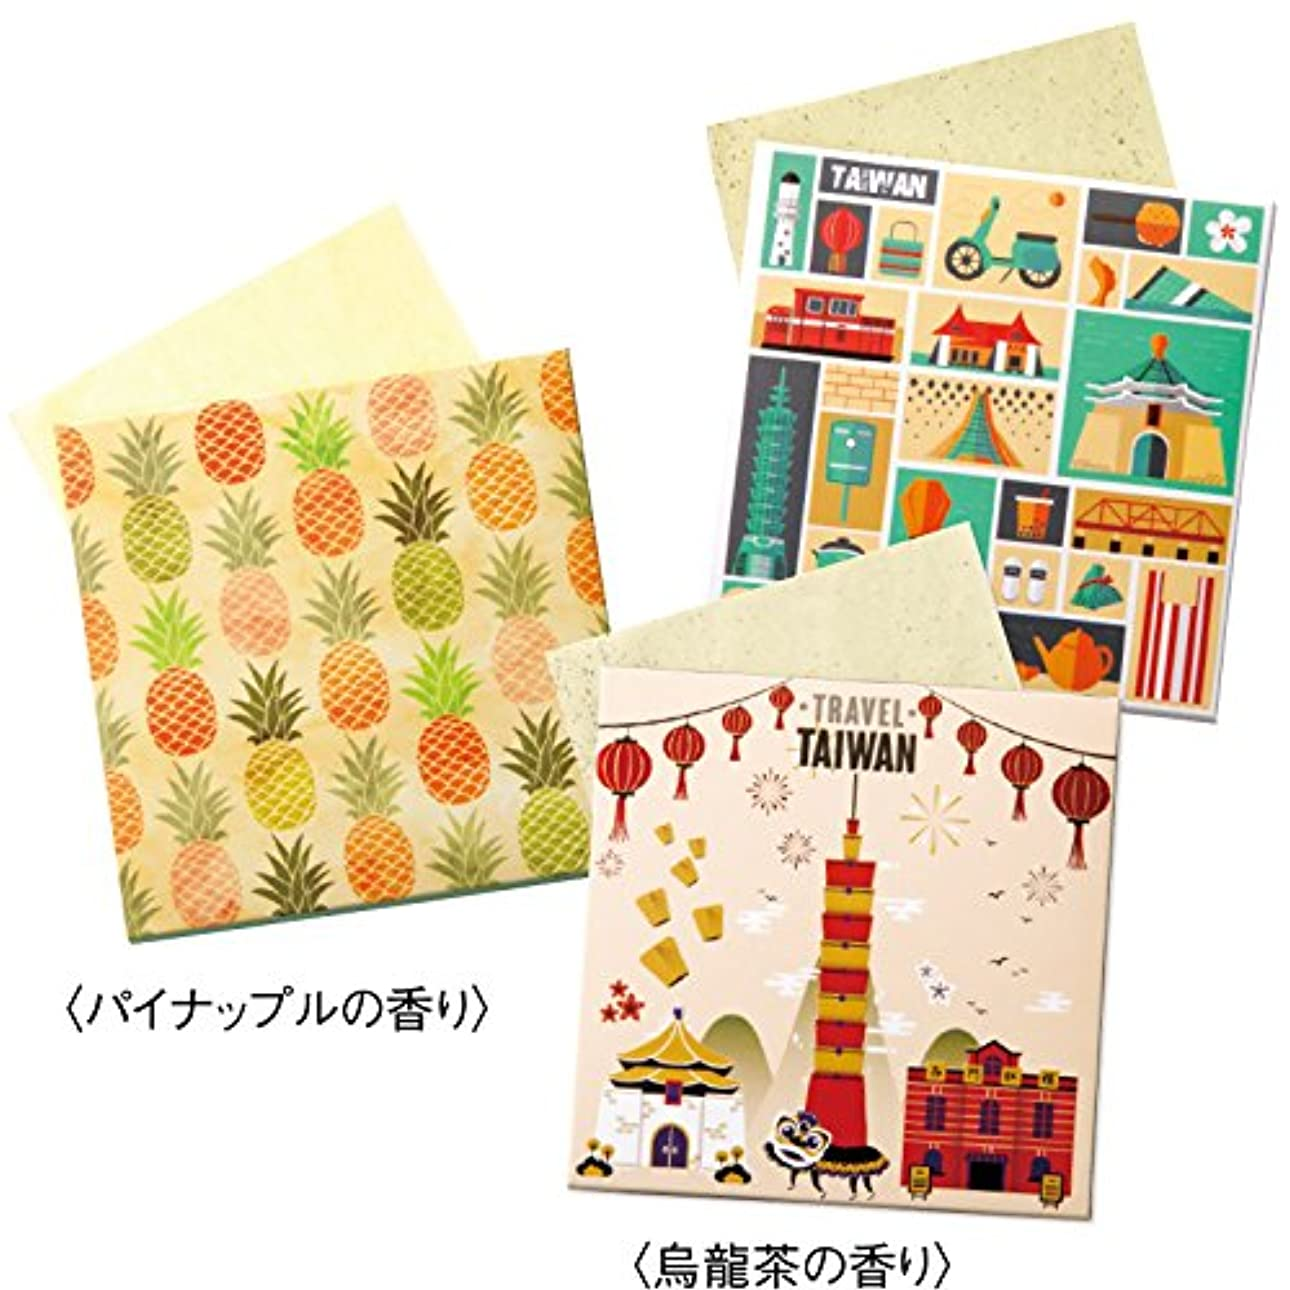 パッド意気込みポット台湾 土産 台湾 あぶらとり紙 3コセット (海外旅行 台湾 お土産)